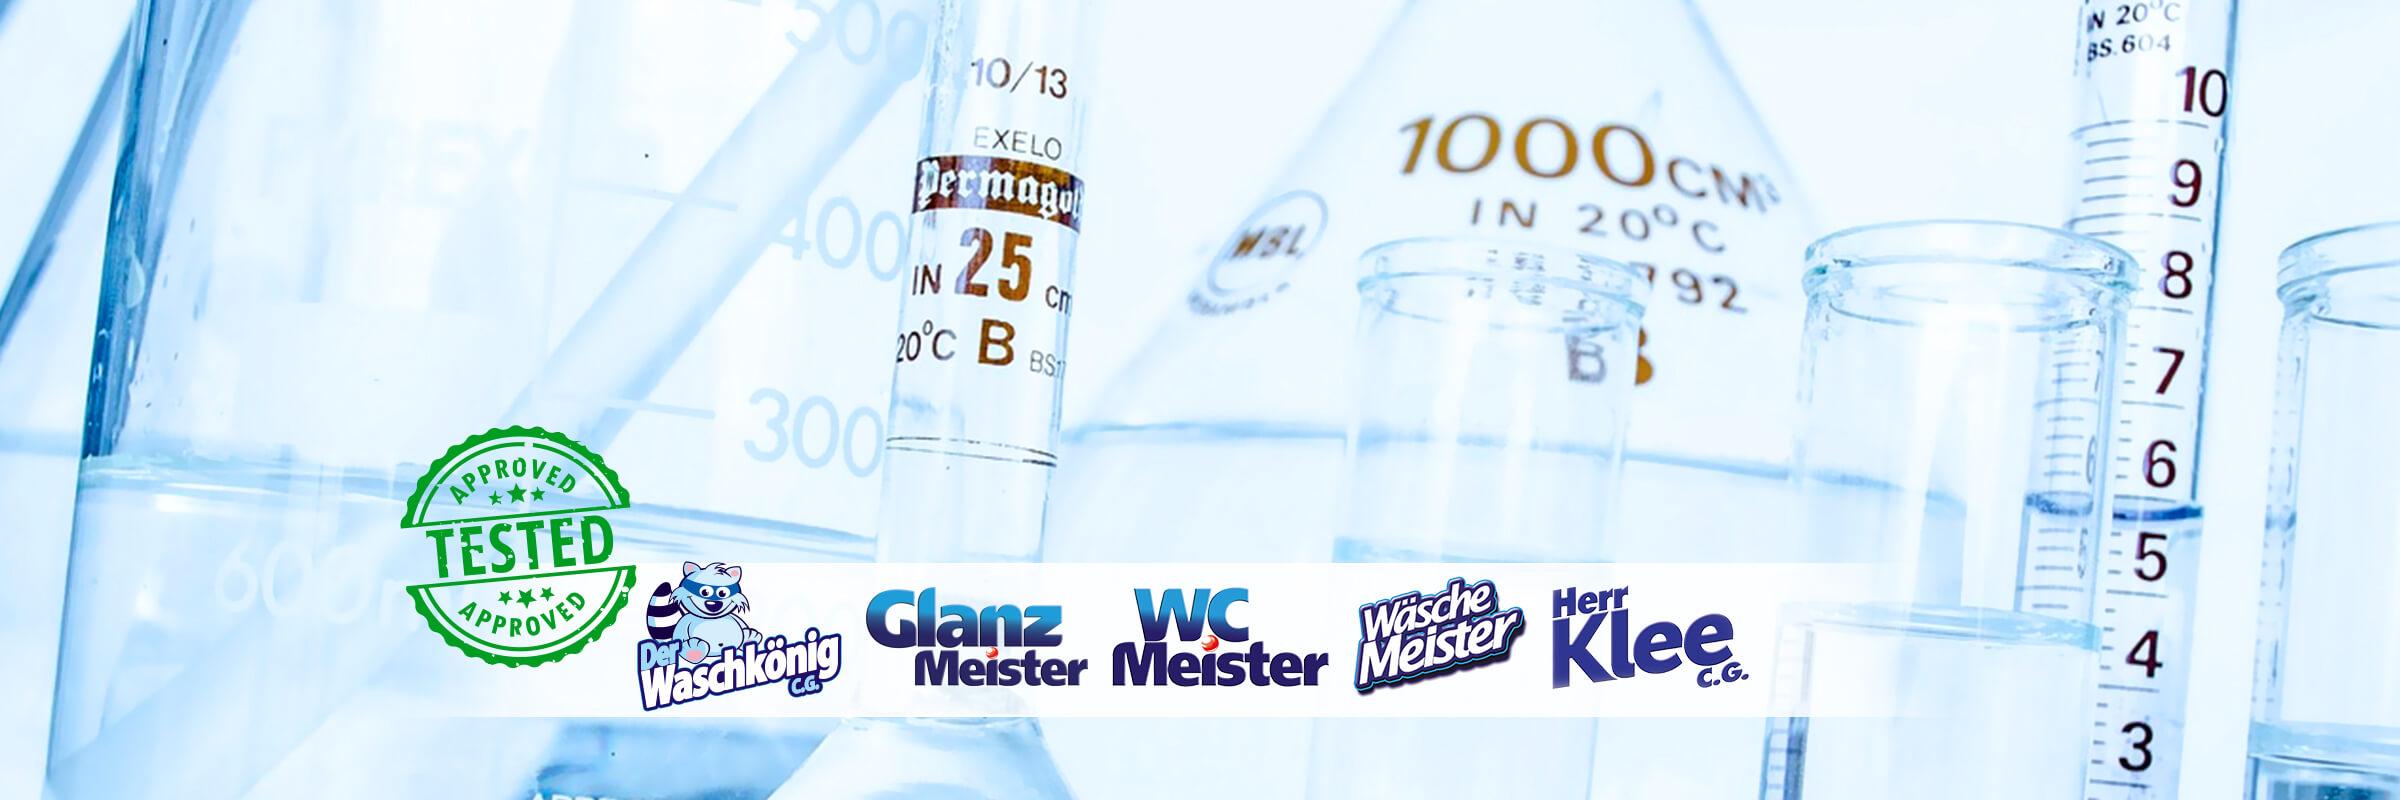 Die Produkte von Clovin Germany GmbH erfüllen die geltenden gesetzlichen Regelungen